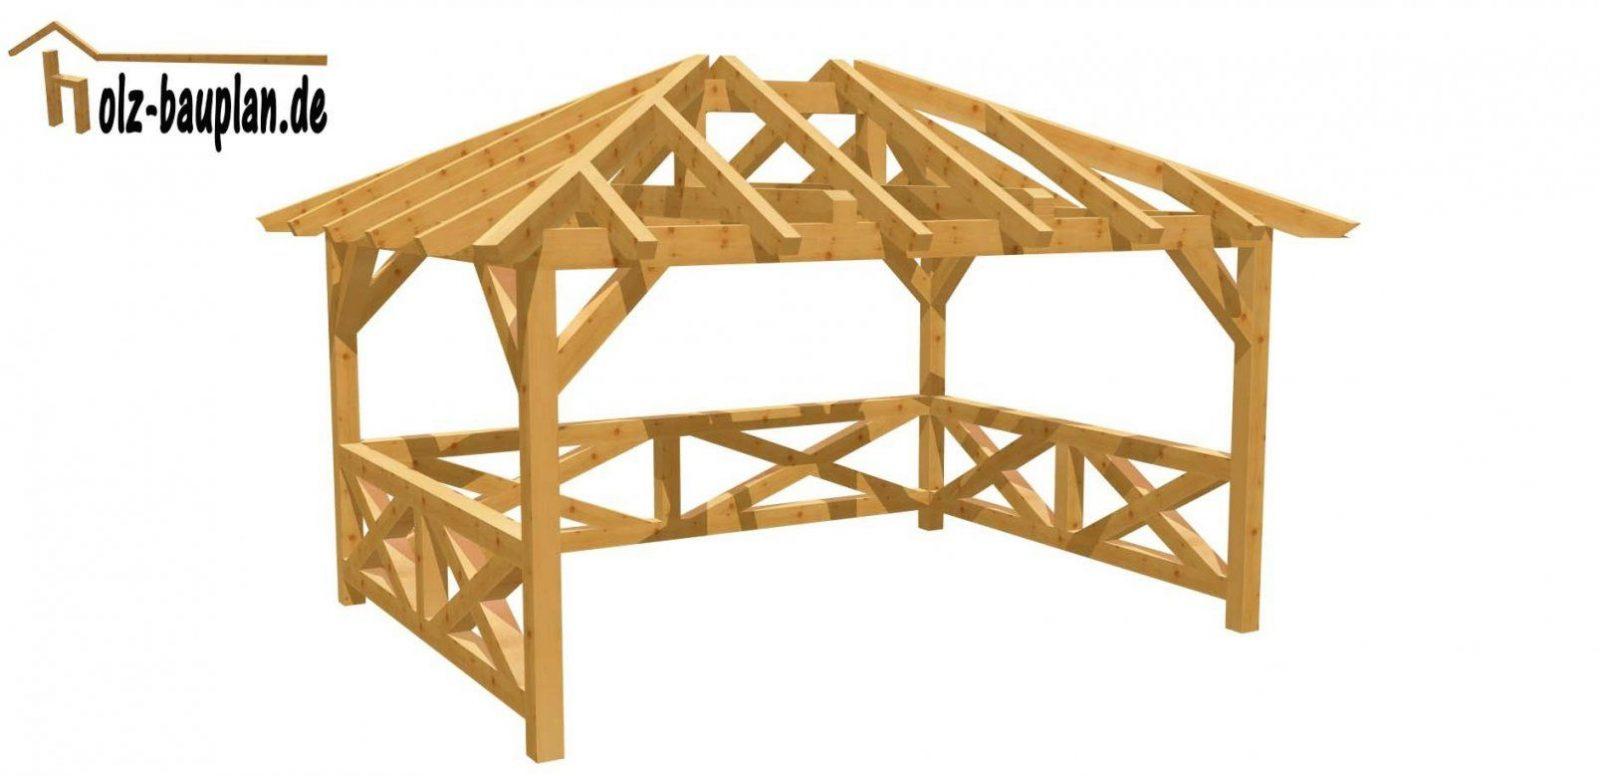 Pavillon Einfach Selber Bauen  Youtube von Pavillon 6 Eckig Selber Bauen Photo